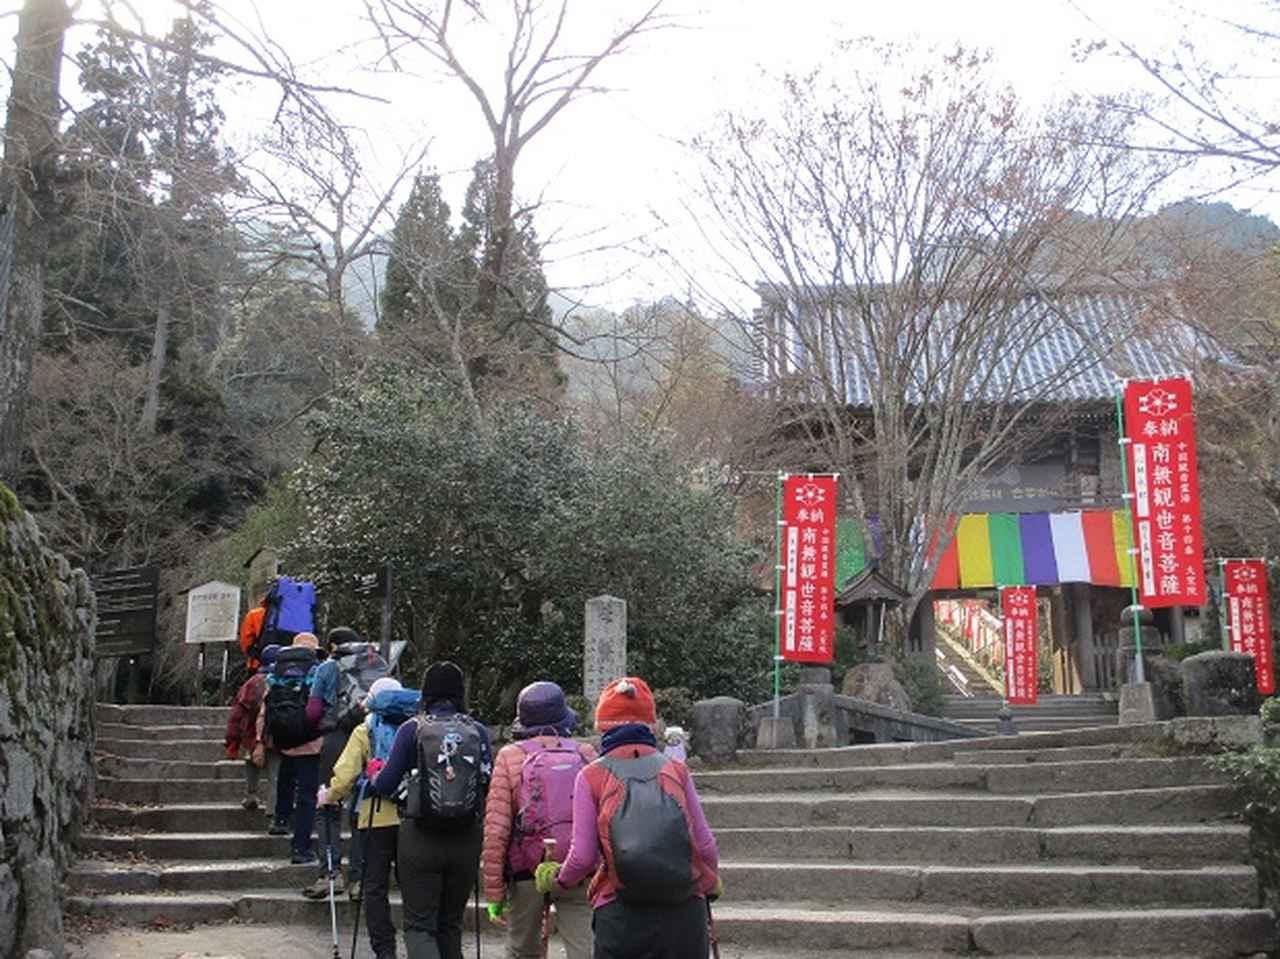 画像6: 【山旅会・登山ガイドこだわりツアー】添乗員からの便り・広島県と山口県のツアーにいってまいりました!(その1)